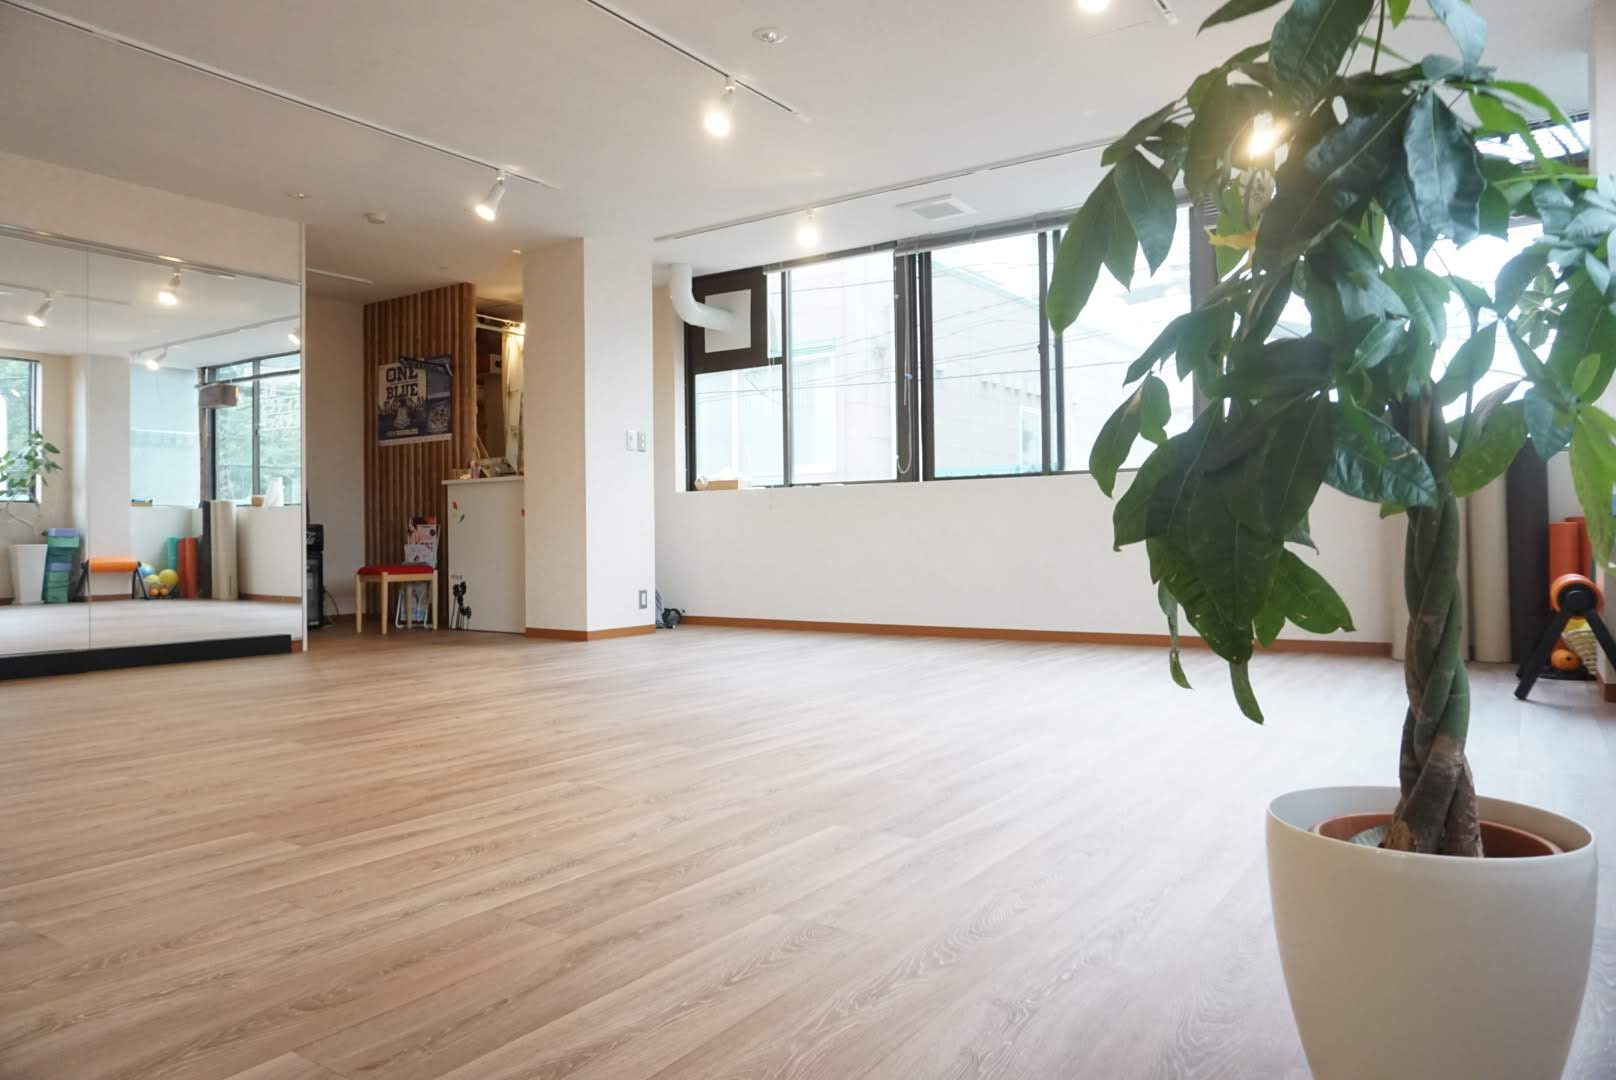 パーソナル yoga&pilates nicofit 船橋北口店ニコフィットの施設評判 ...